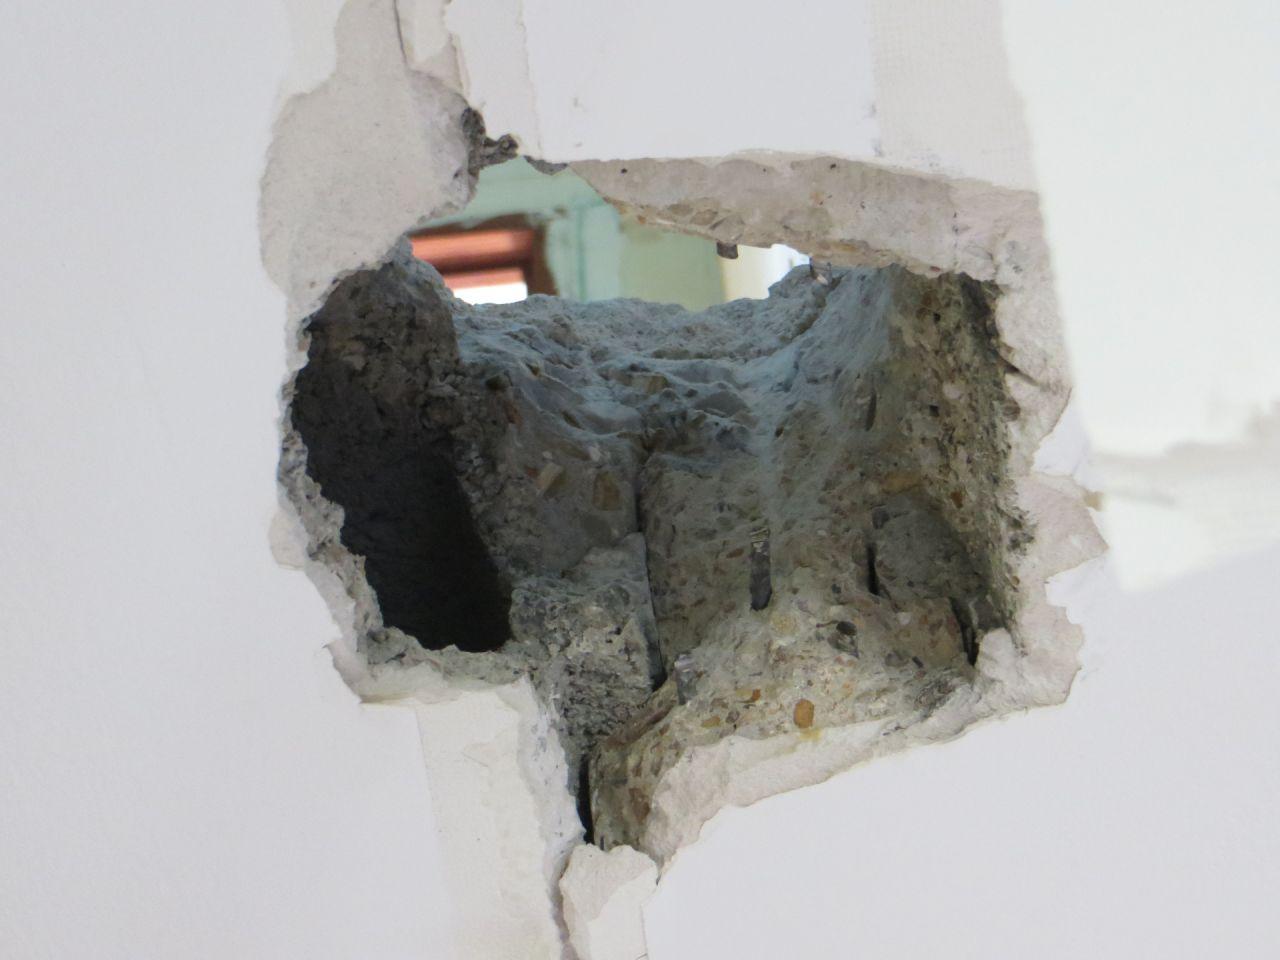 Trou dans le plafond de la cuisine, afin de faire passer une gaine VMC. Il traverse malencontreusement une poutrelle.